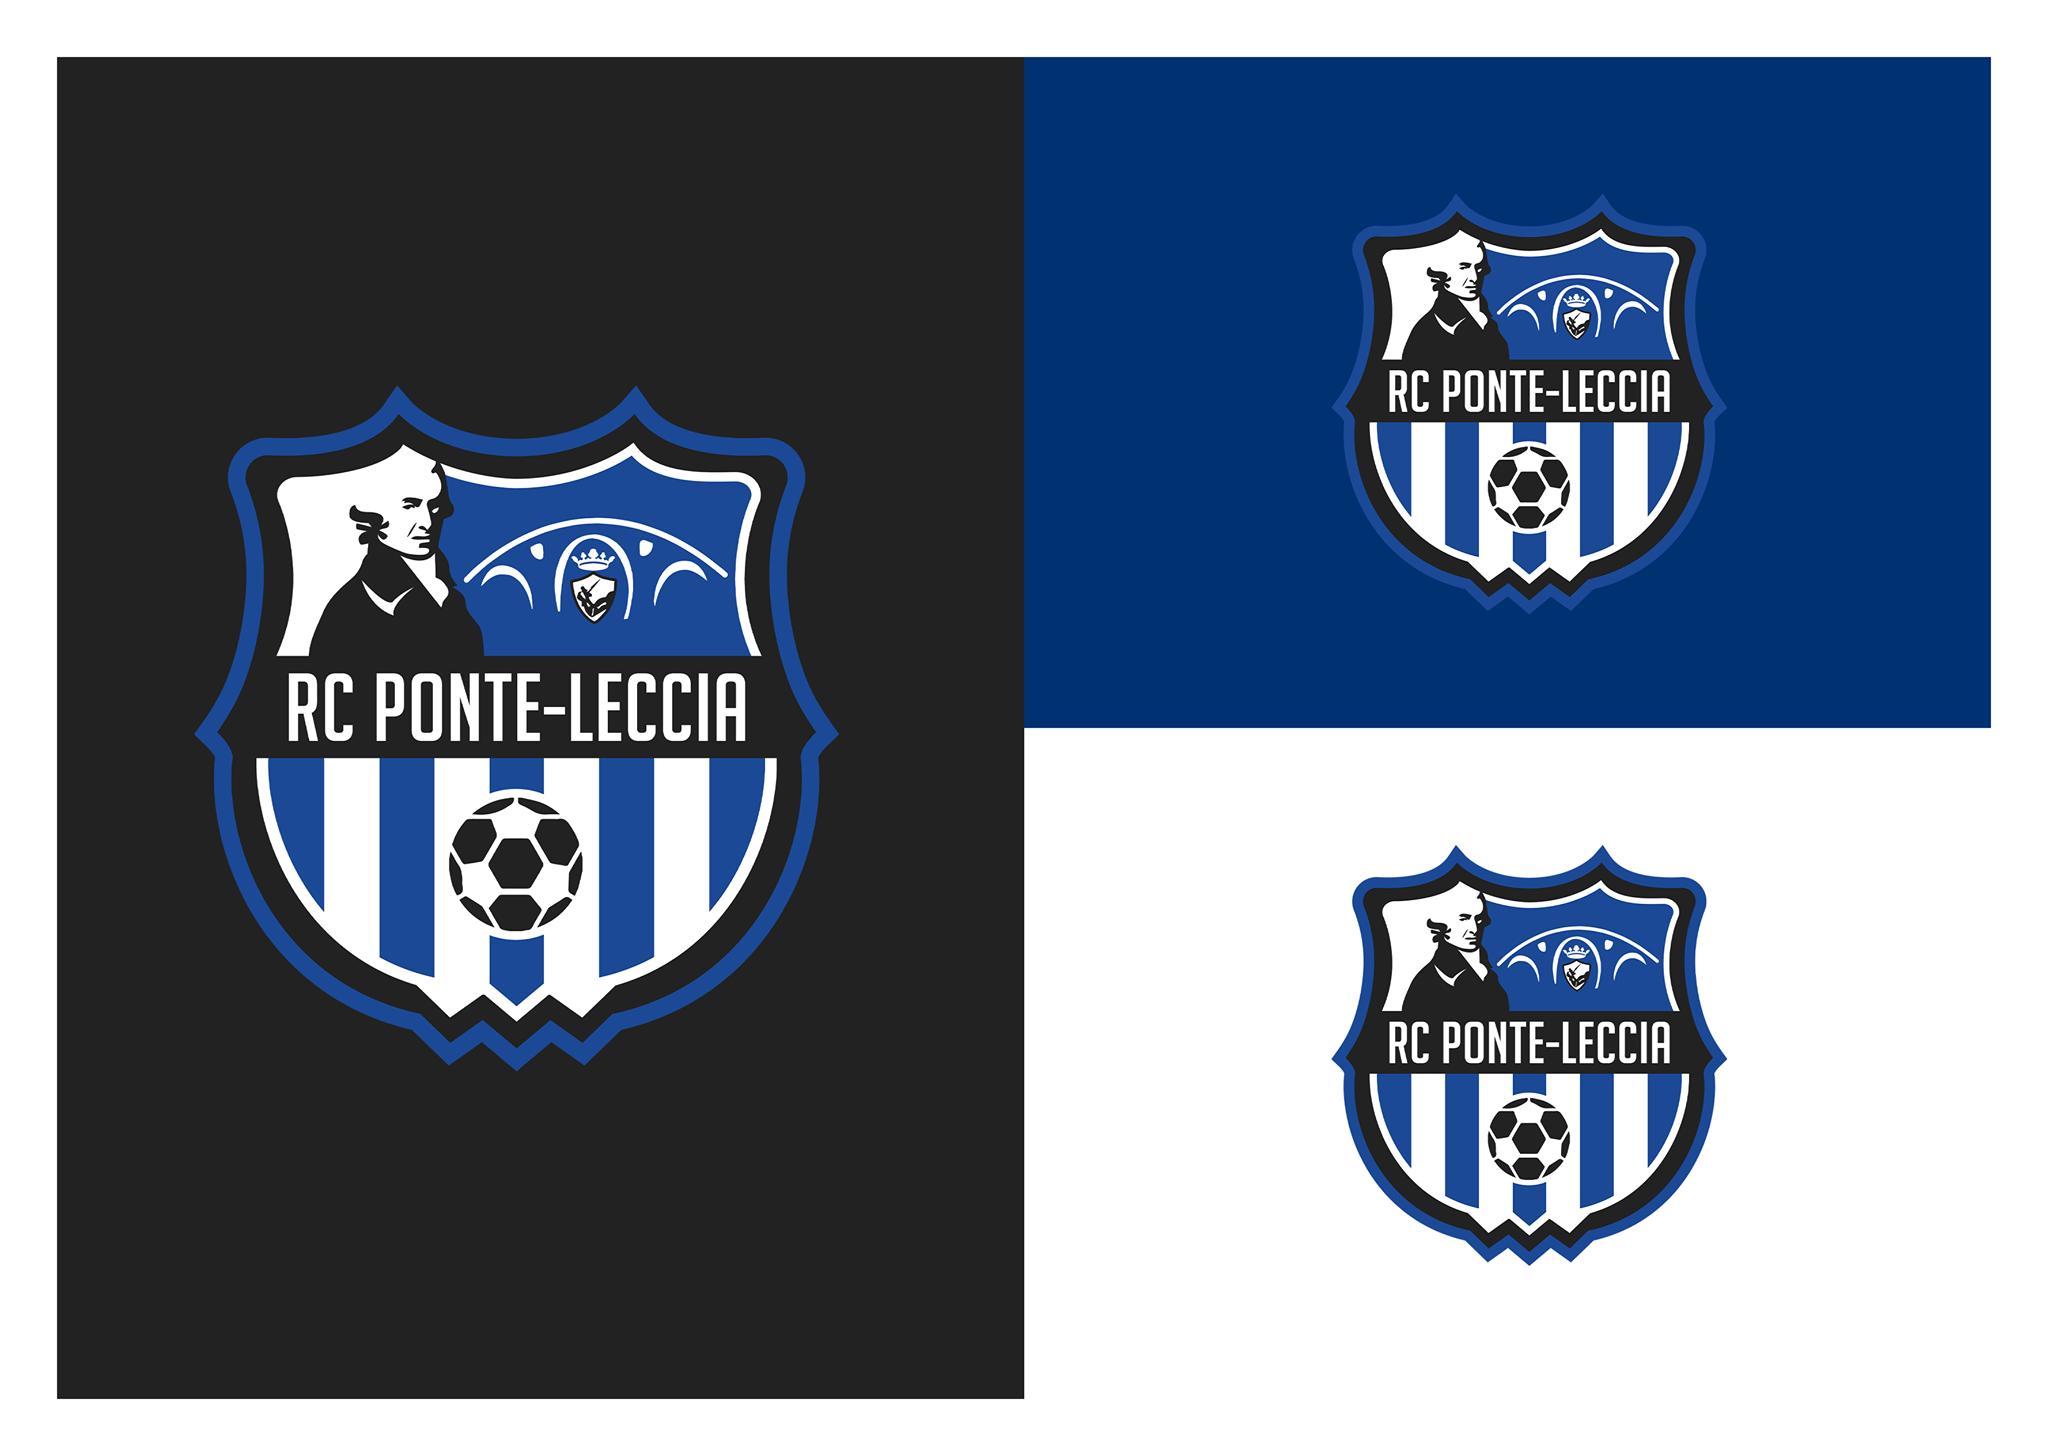 rcponteleccia-logos-3